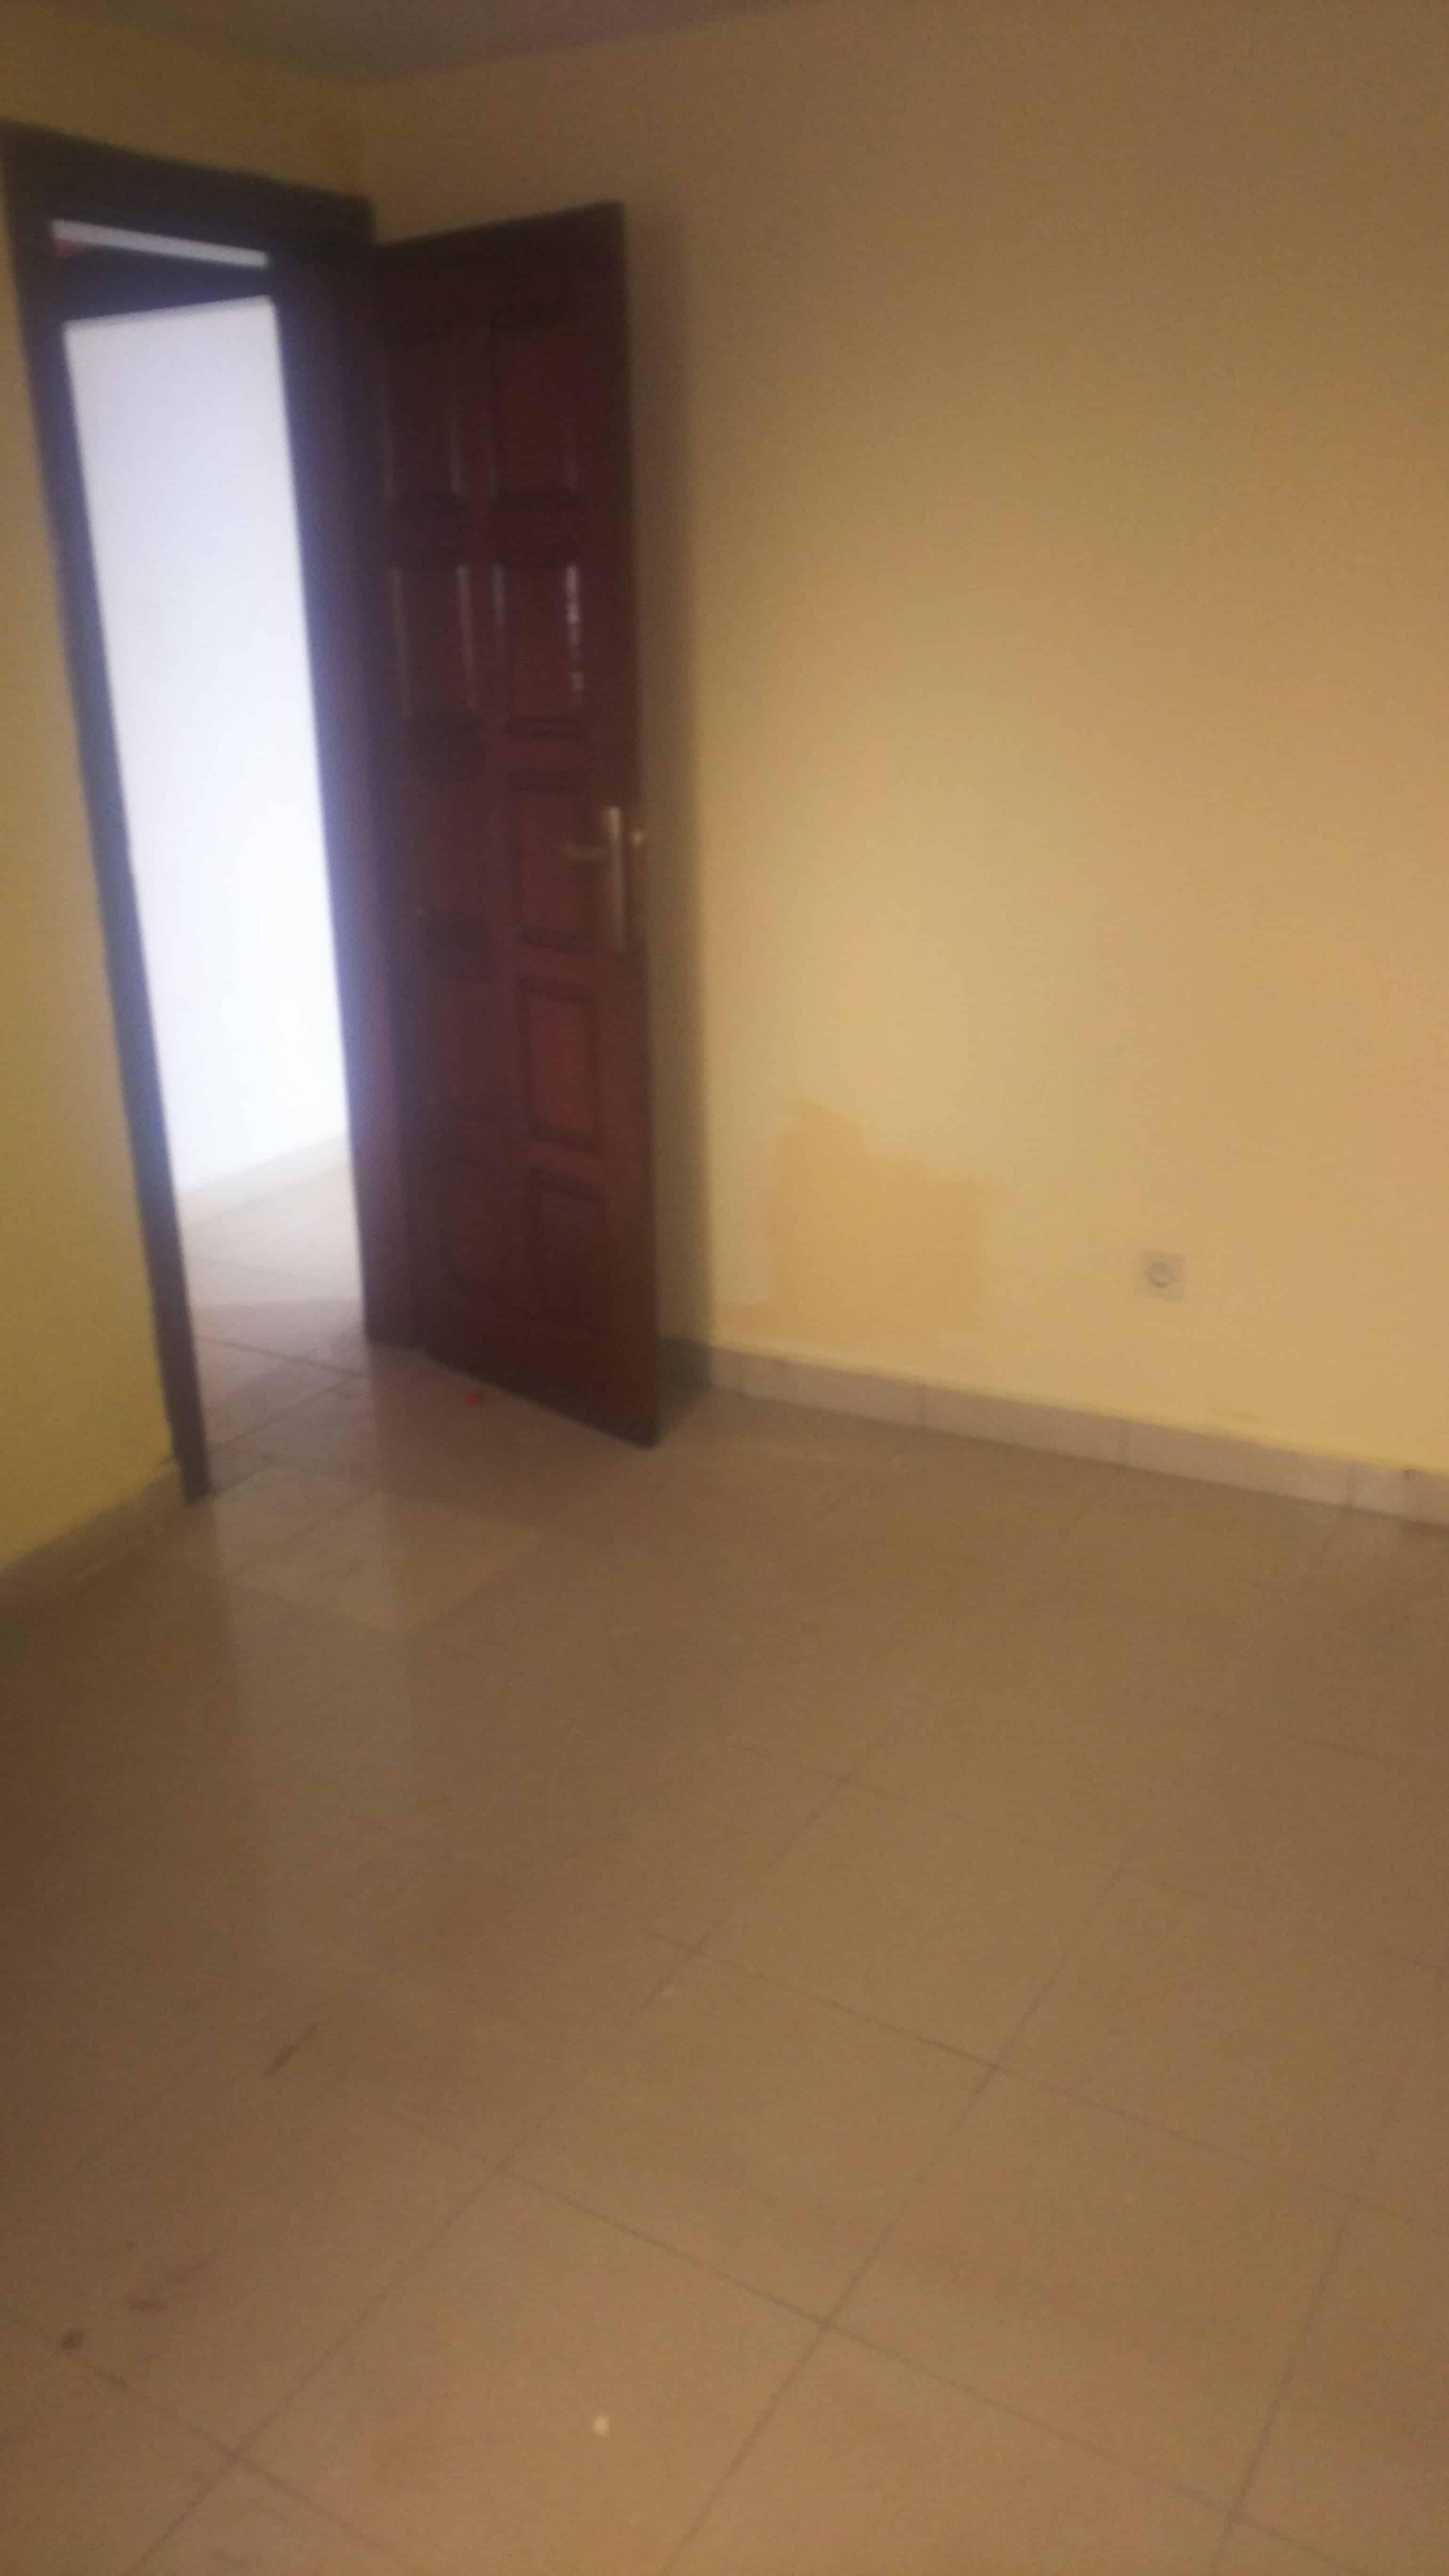 Chambre à louer - Douala, Ndoghem, Nouvelle Route cité CICAM - 35 000 FCFA / mois